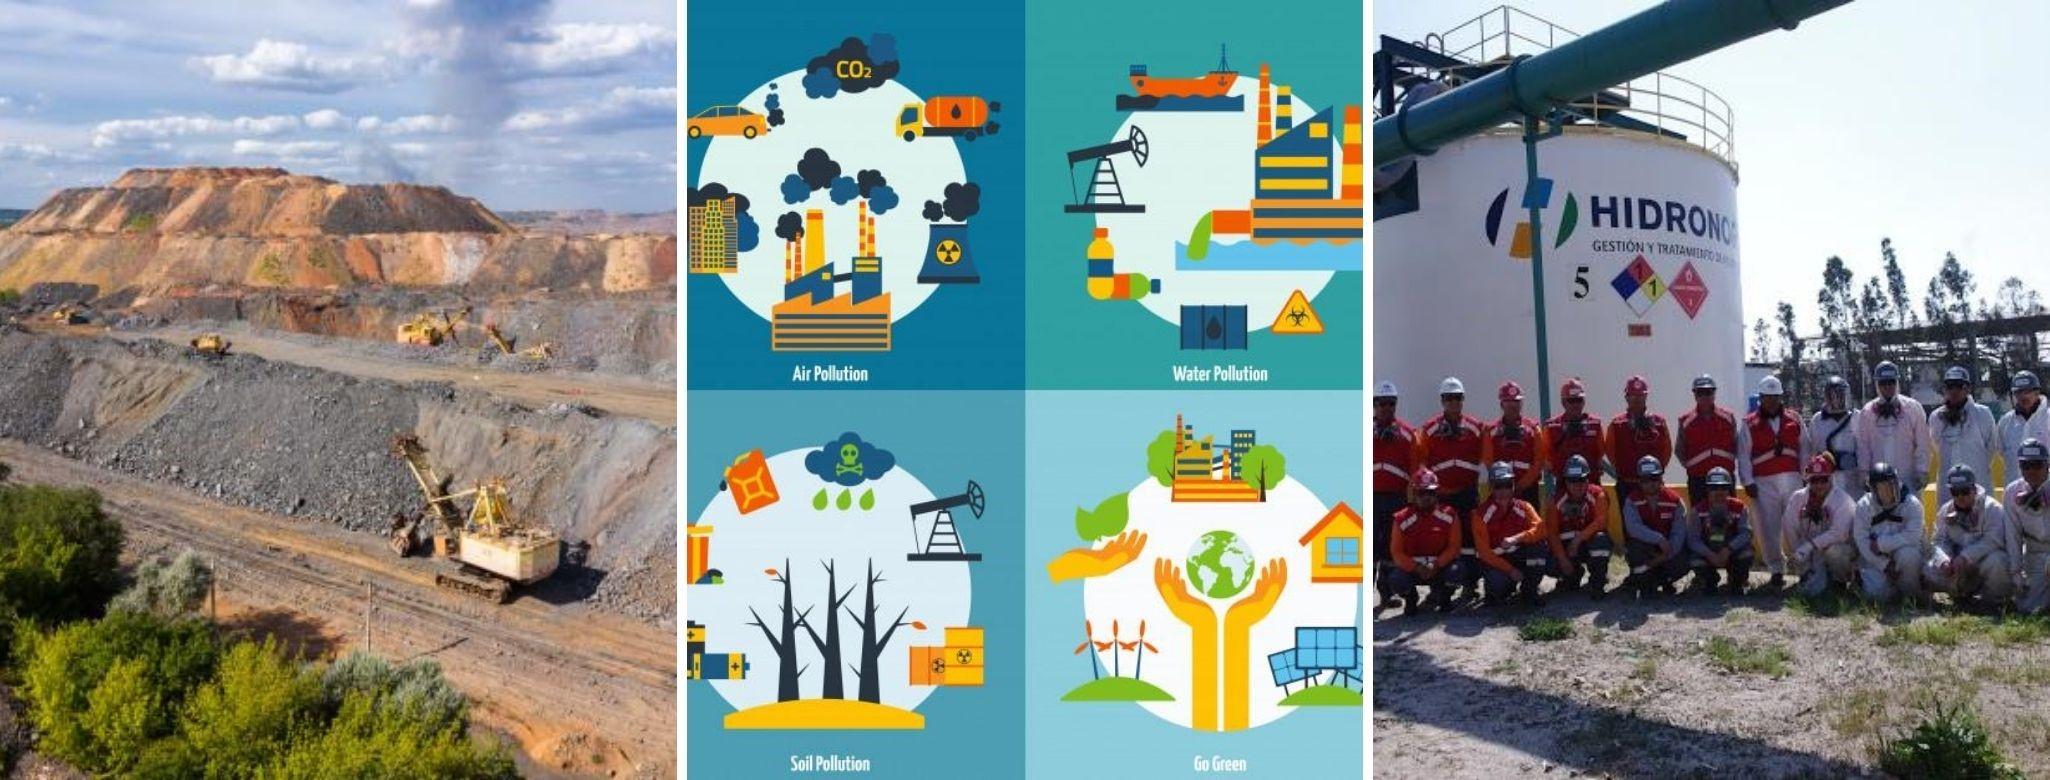 Hidronor Chile detalla cómo aprovechar las modificaciones al Reglamento Sanitario sobre Manejo de Residuos Peligrosos